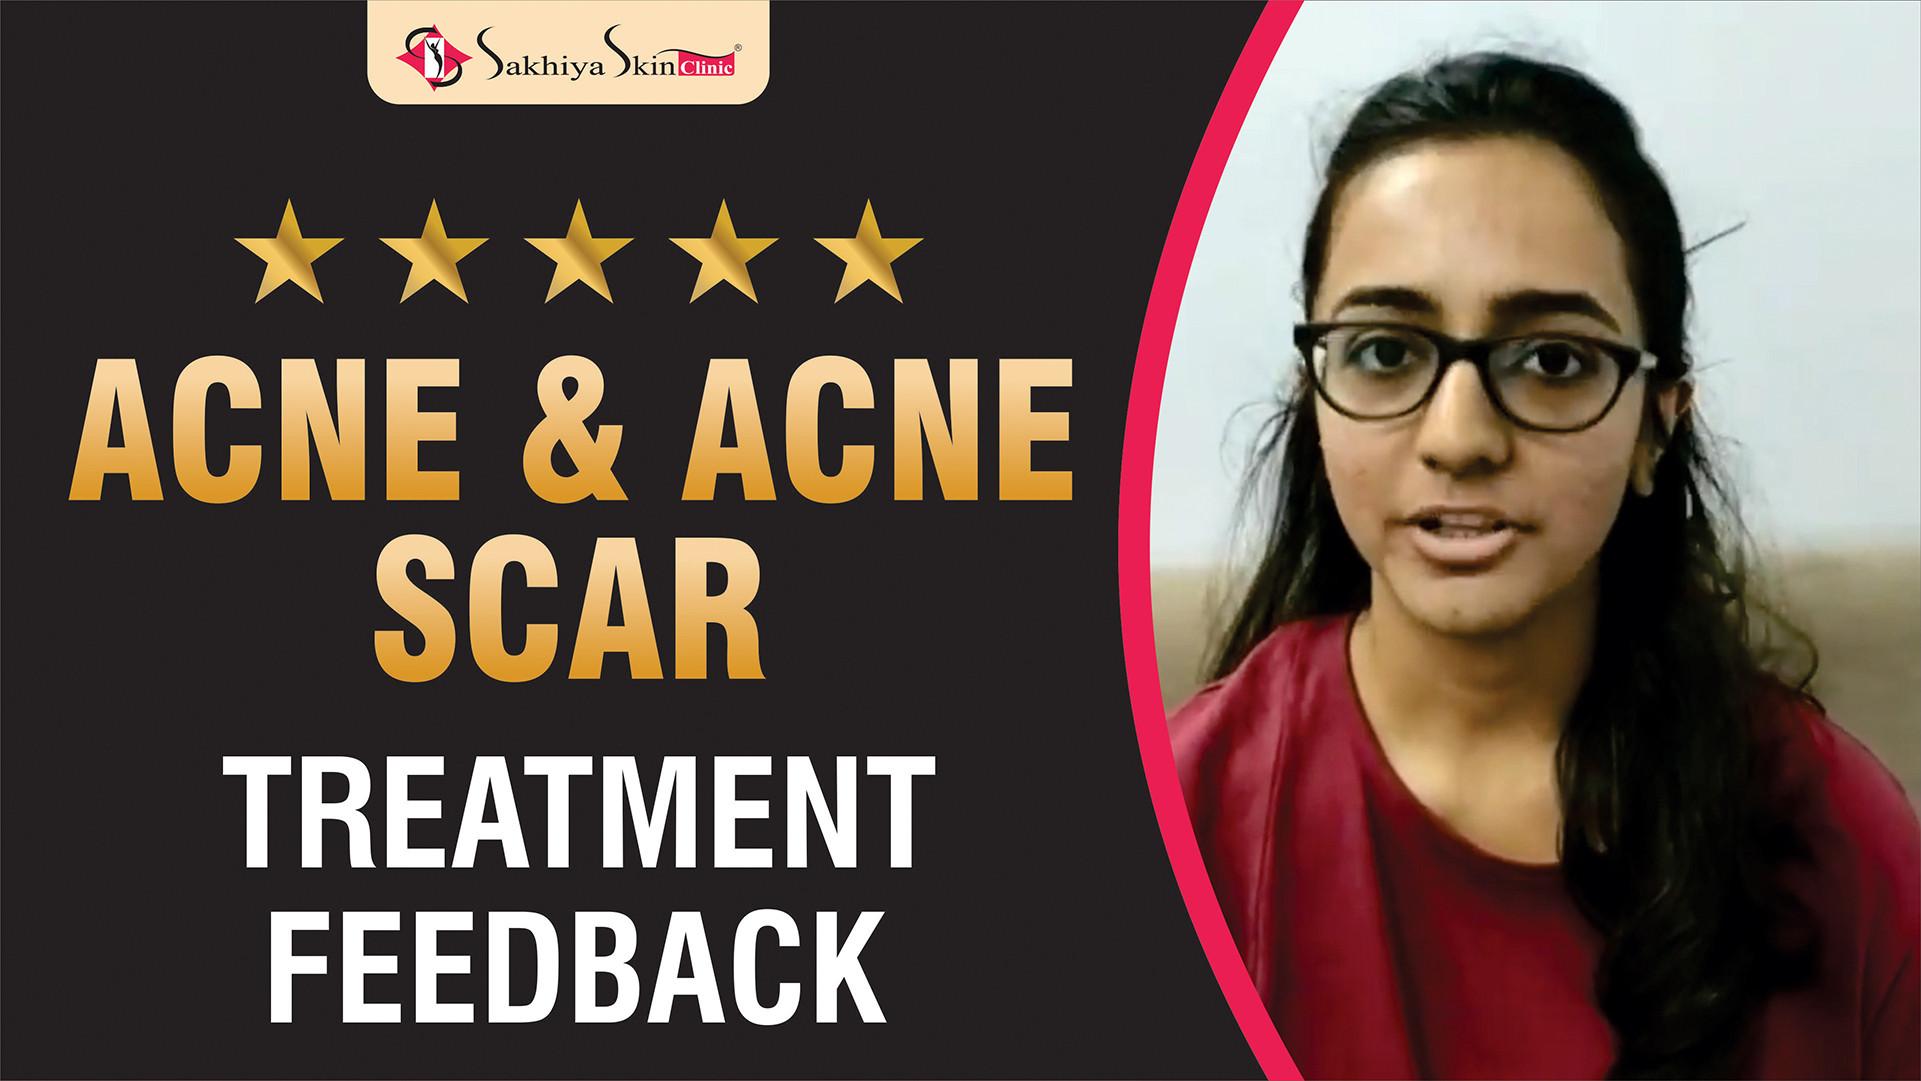 Acne & Acne Scar Treatment